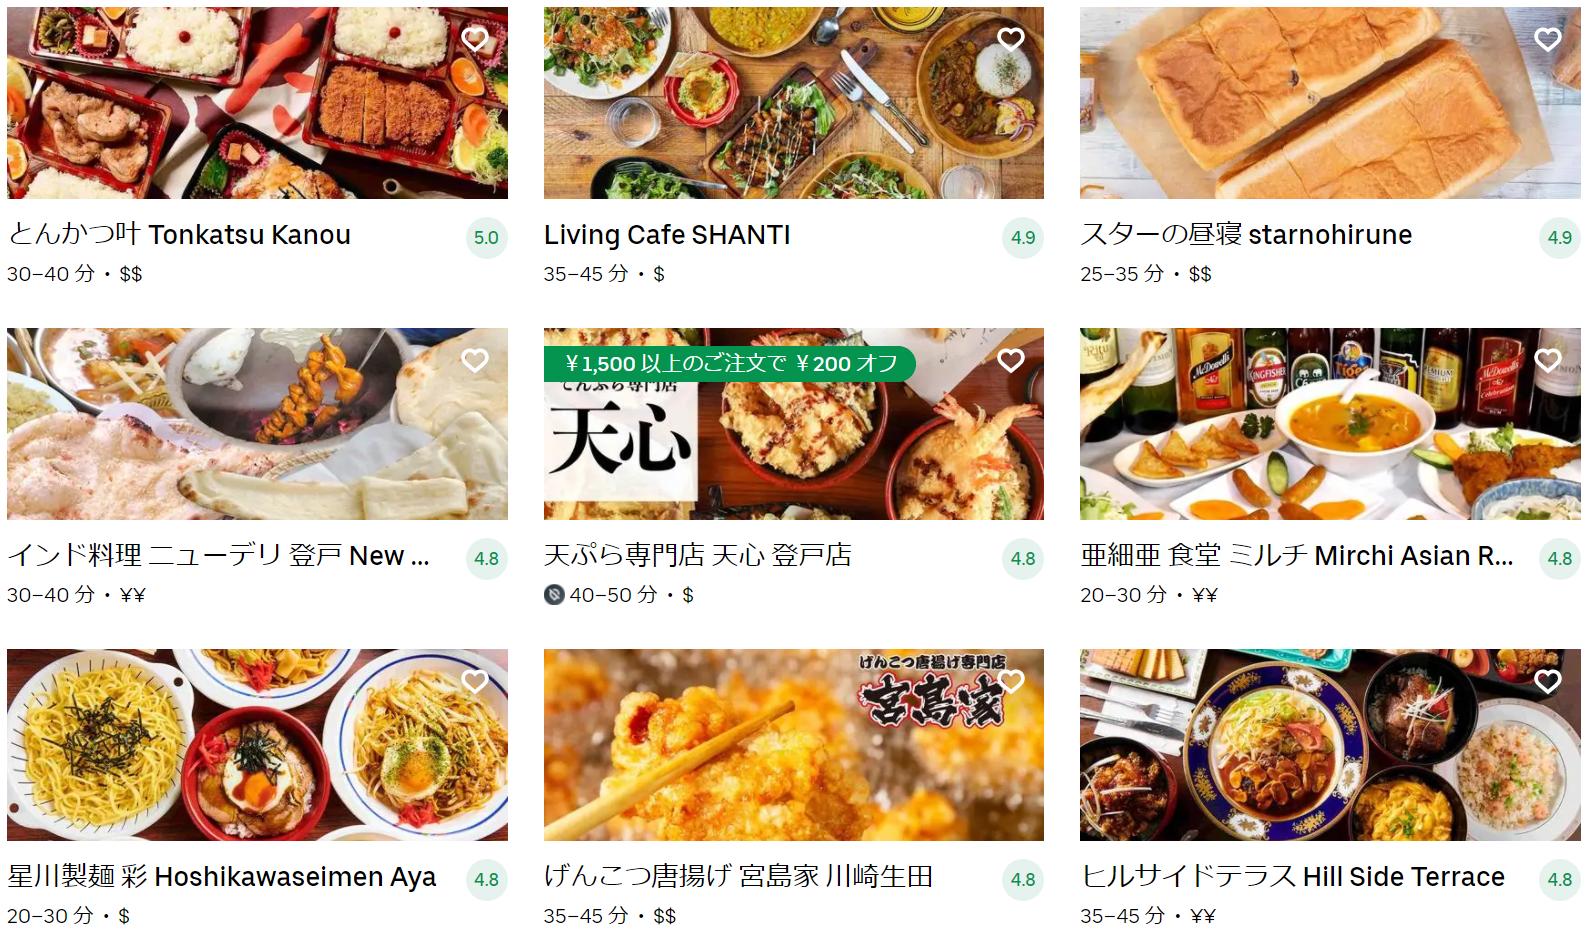 多摩区エリアのおすすめUber Eats(ウーバーイーツ)メニュー